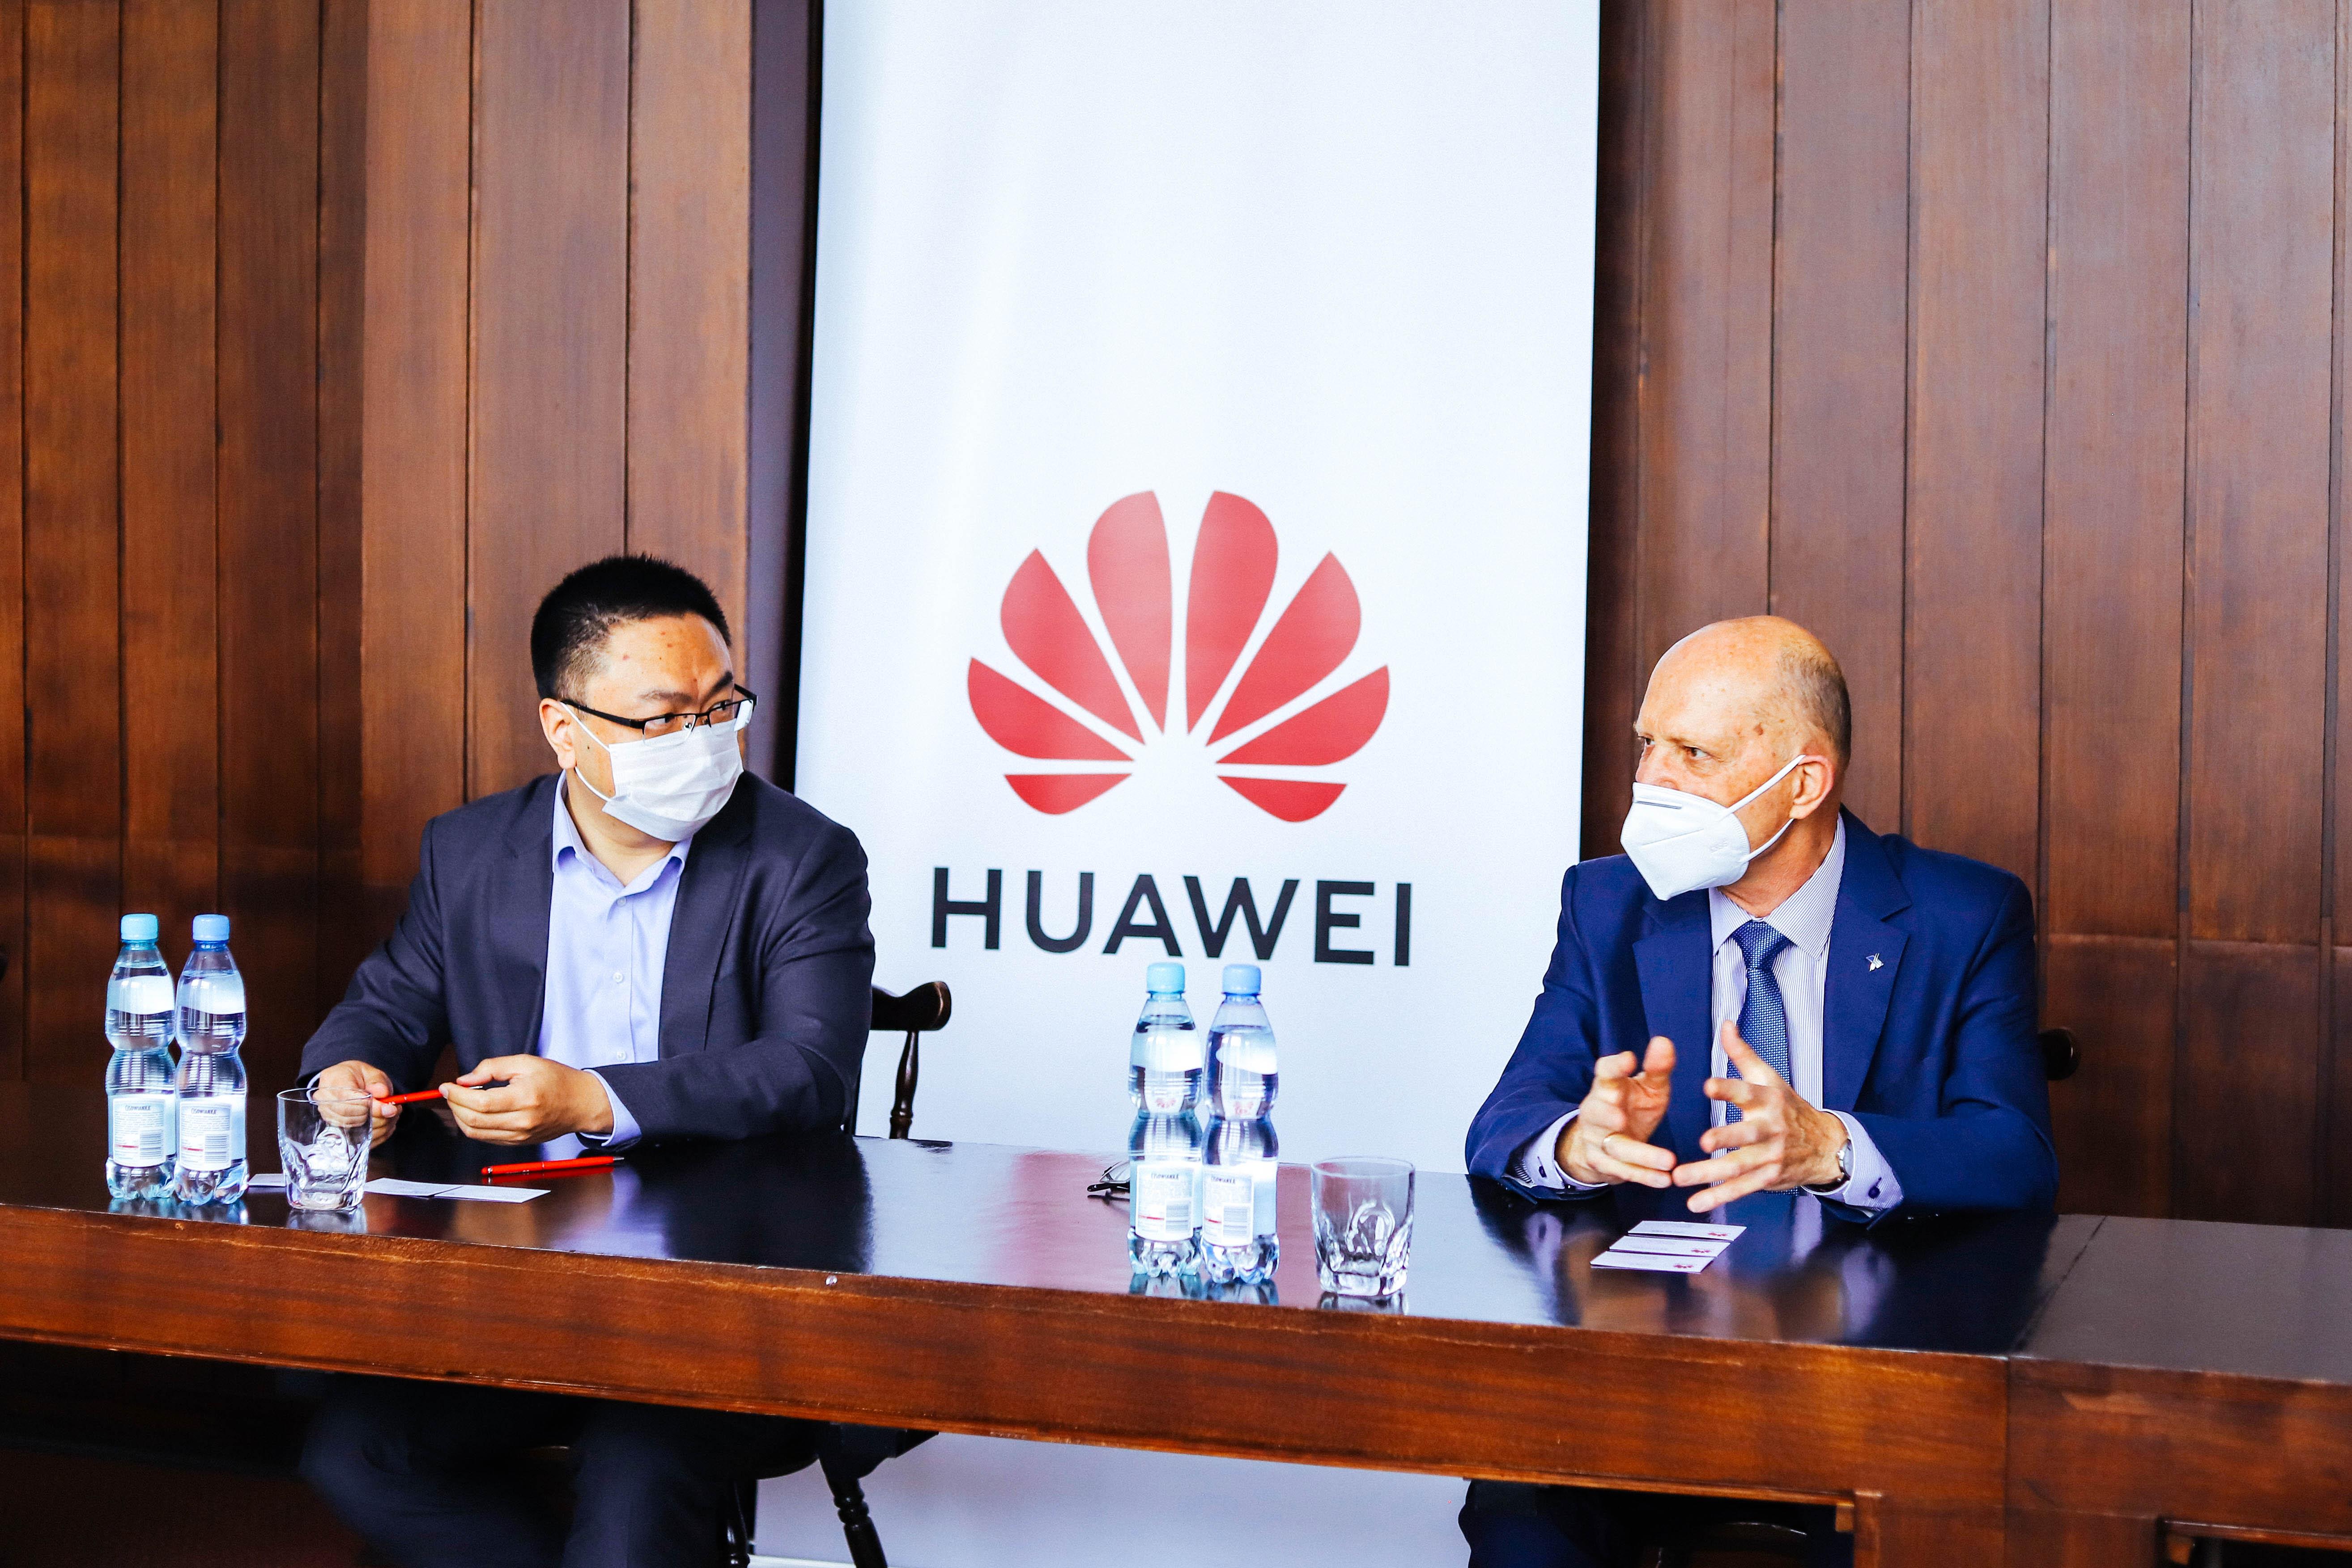 Bao Jianlin, Dyrektor zarządzający Huawei Polska i prof. dr hab. inż. Piotr Tatajewski w trakcie podpisywania umowy o współpracy